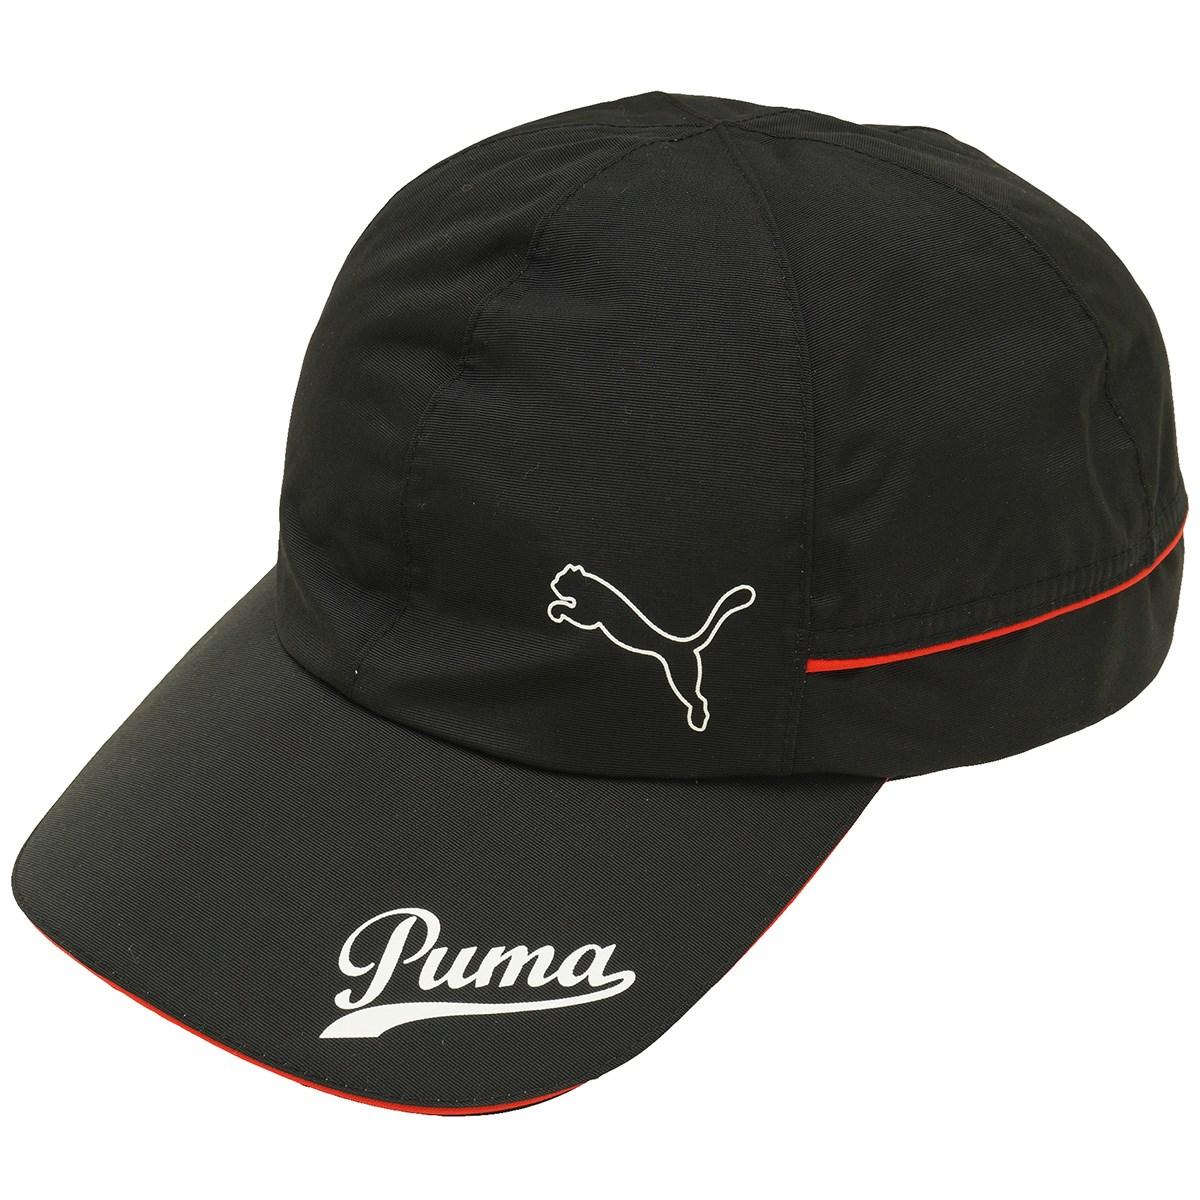 プーマ PUMA ゴルフ レインキャップ フリー ブラック/ハイリスクレッド 01